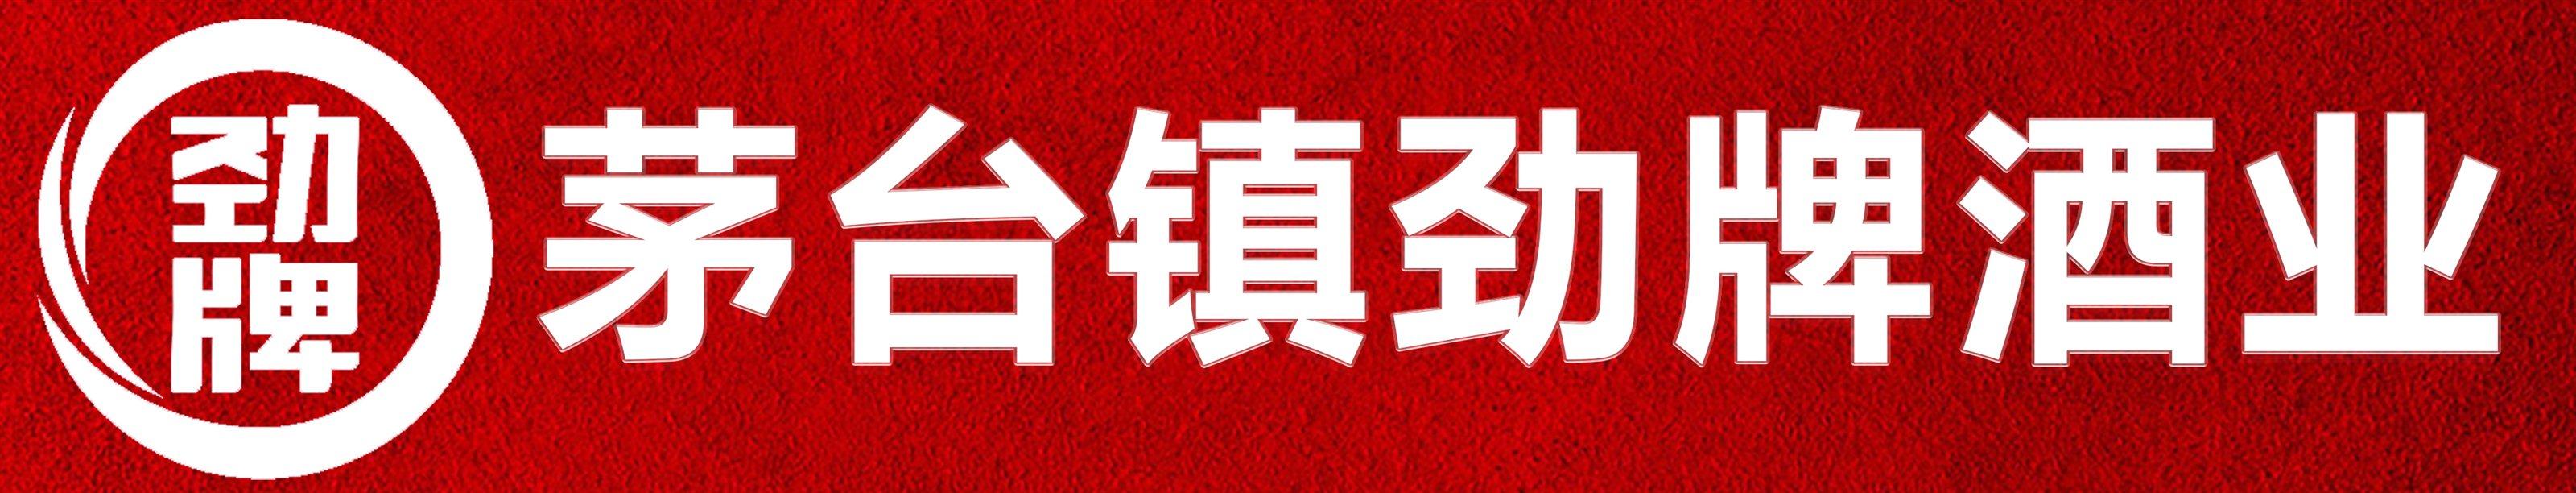 勁牌茅臺鎮酒業有限公司